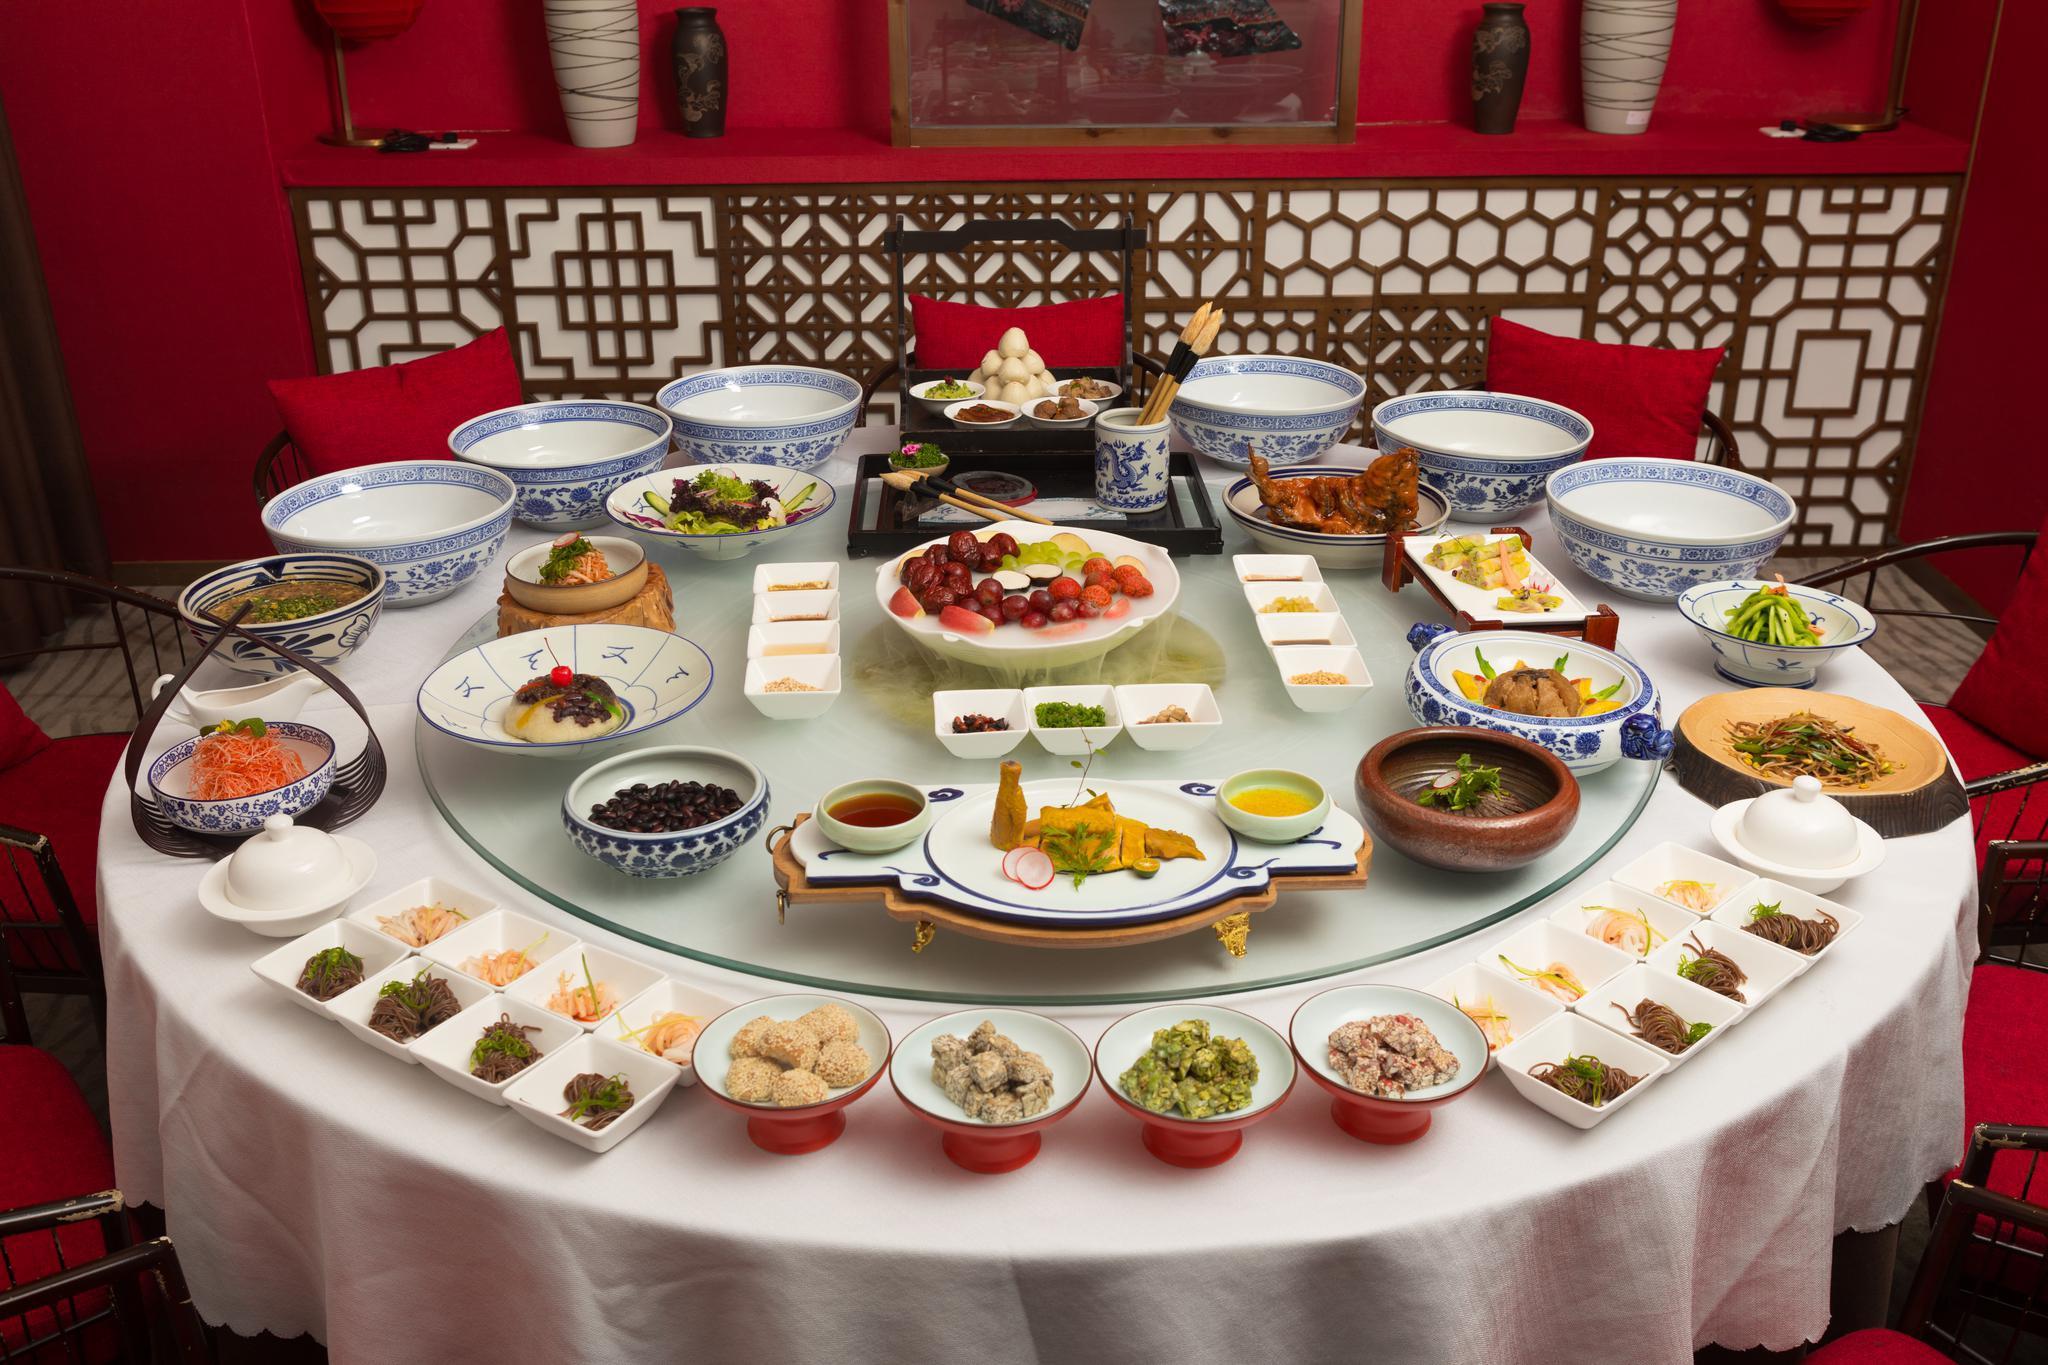 中国故事 昔日宫廷帝王宴,今朝民间百姓餐——陕菜越千年